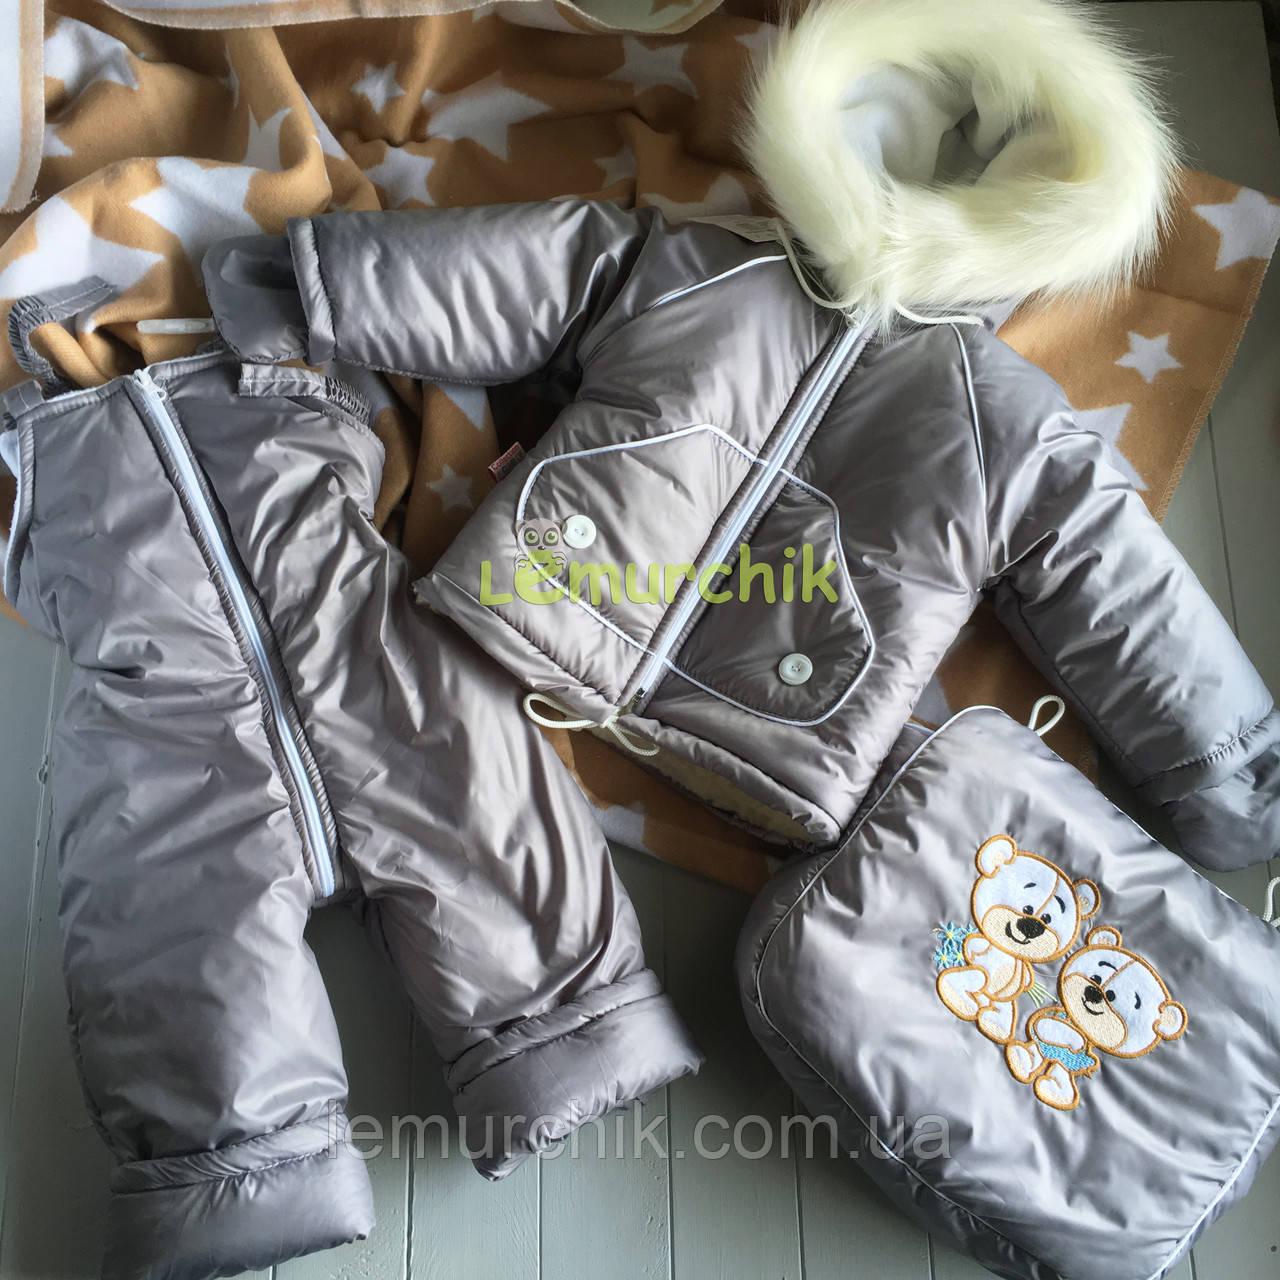 Детский зимний комбинезон-трансформер (куртка+штаны комбинезон+мешочек), серый